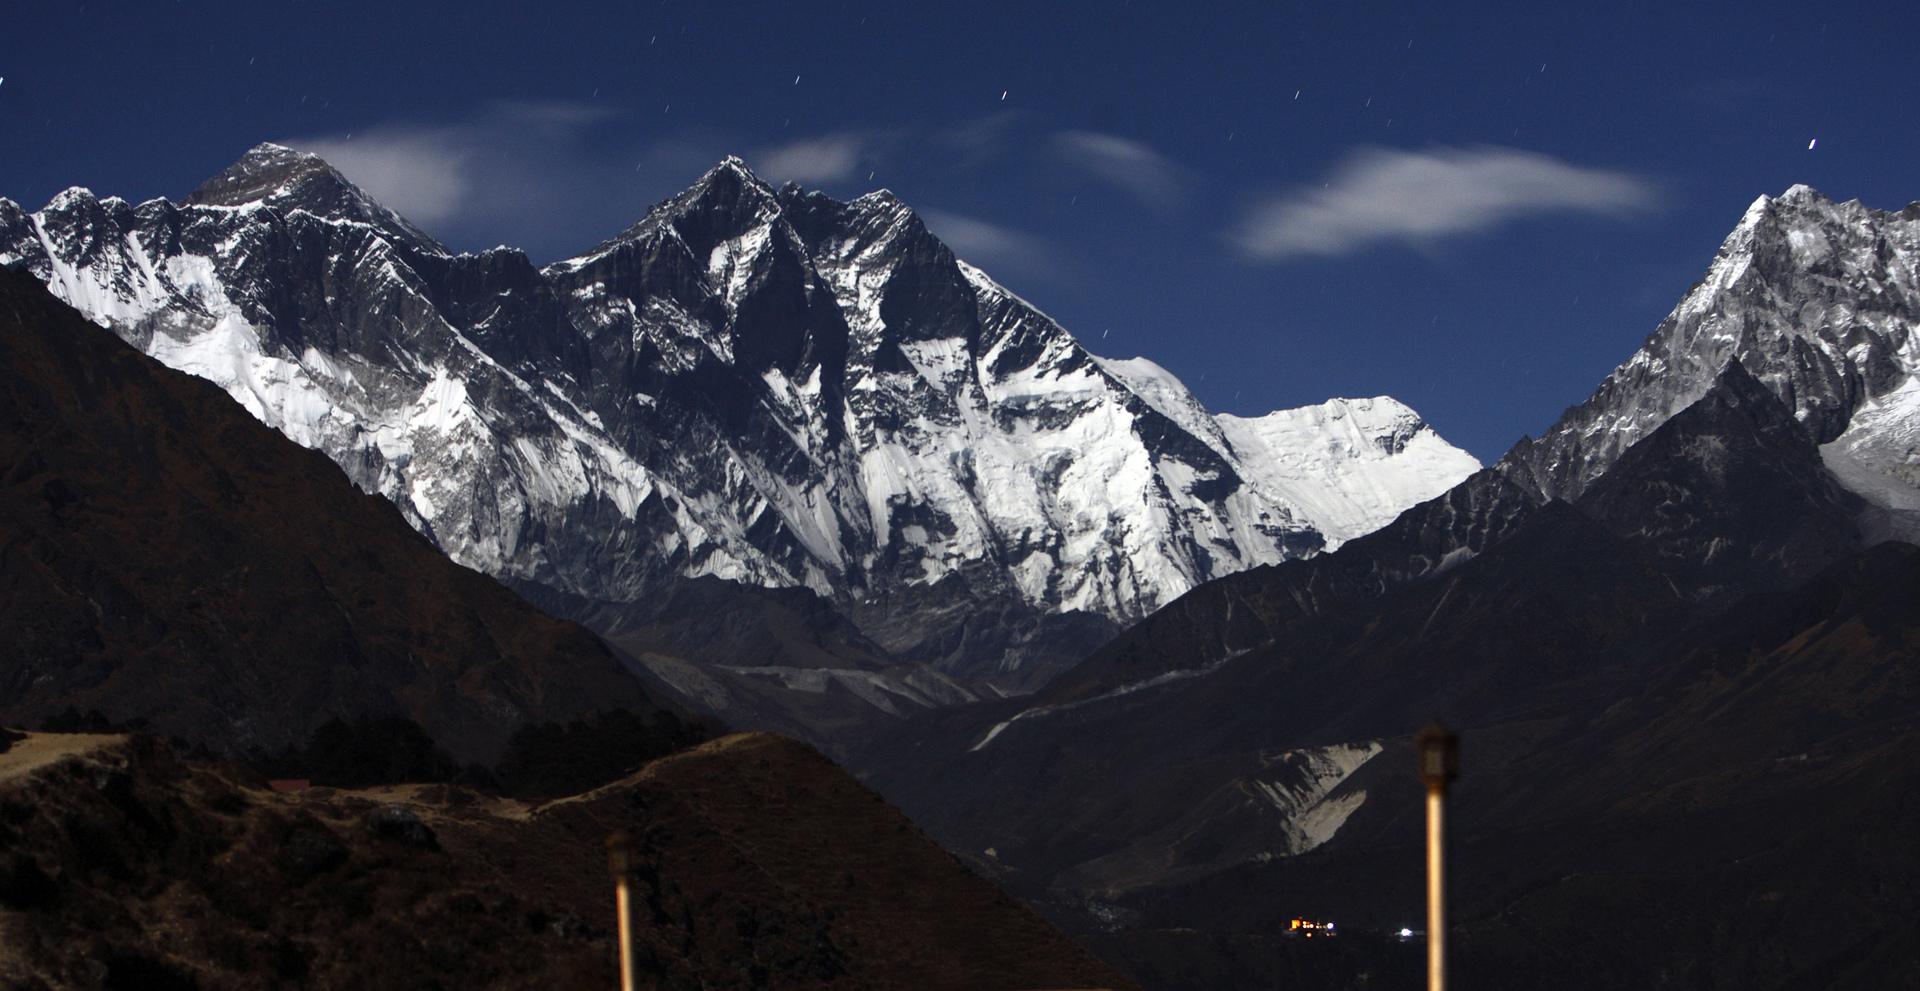 جبال هيمالايا في نيبال